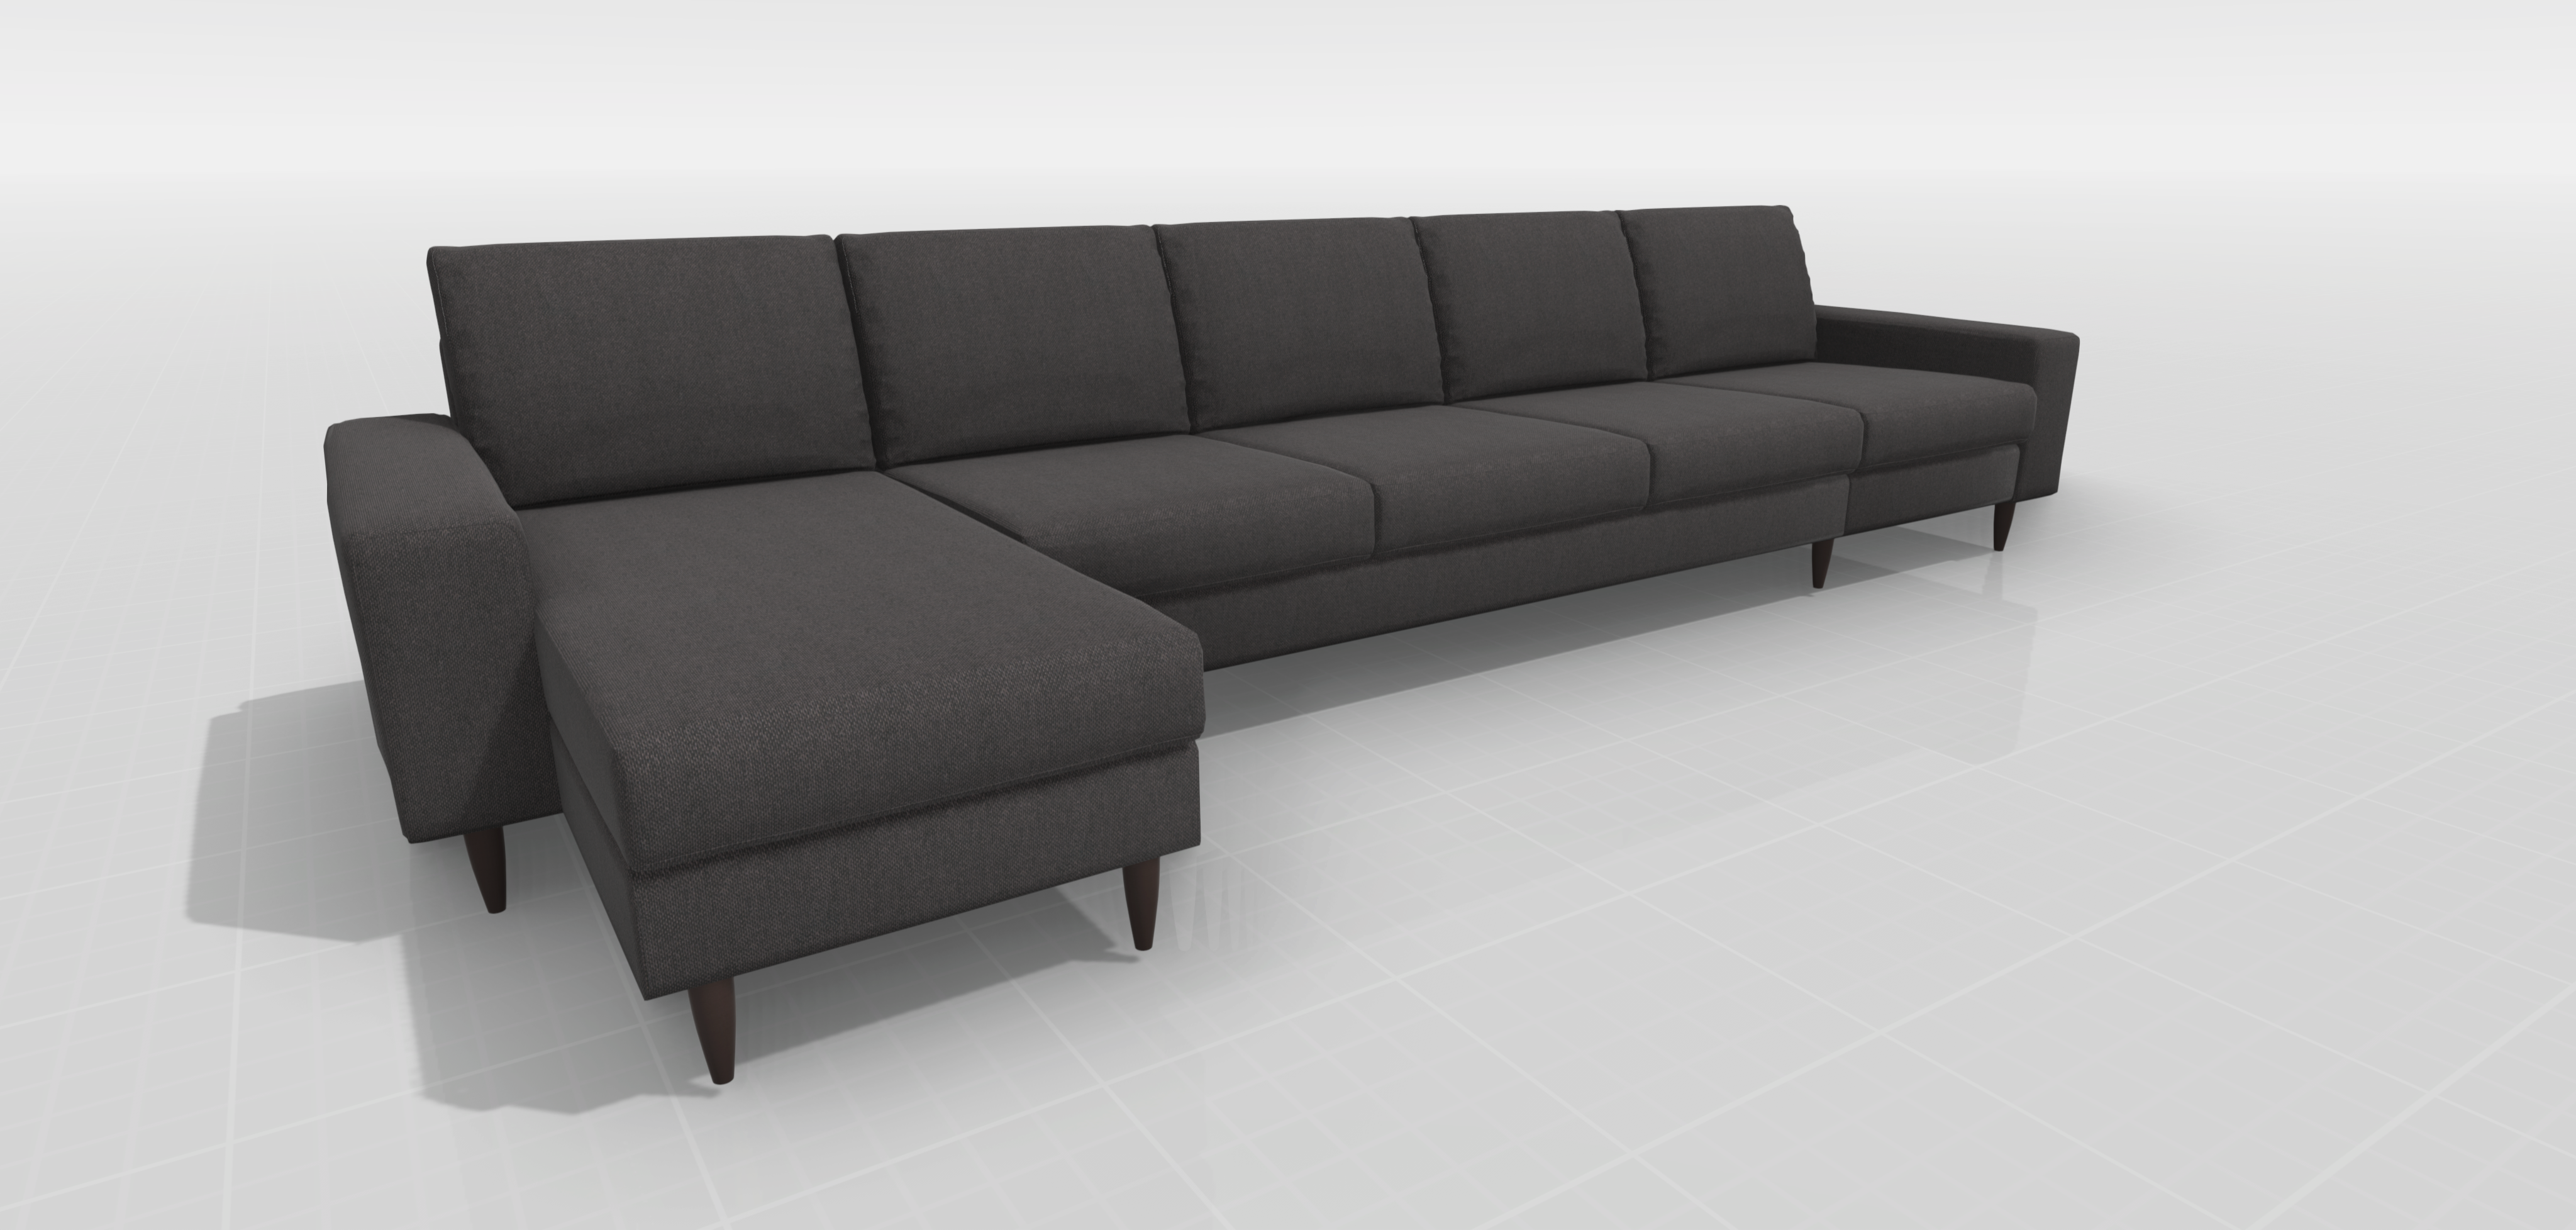 Indivi sofa - 40% OFF